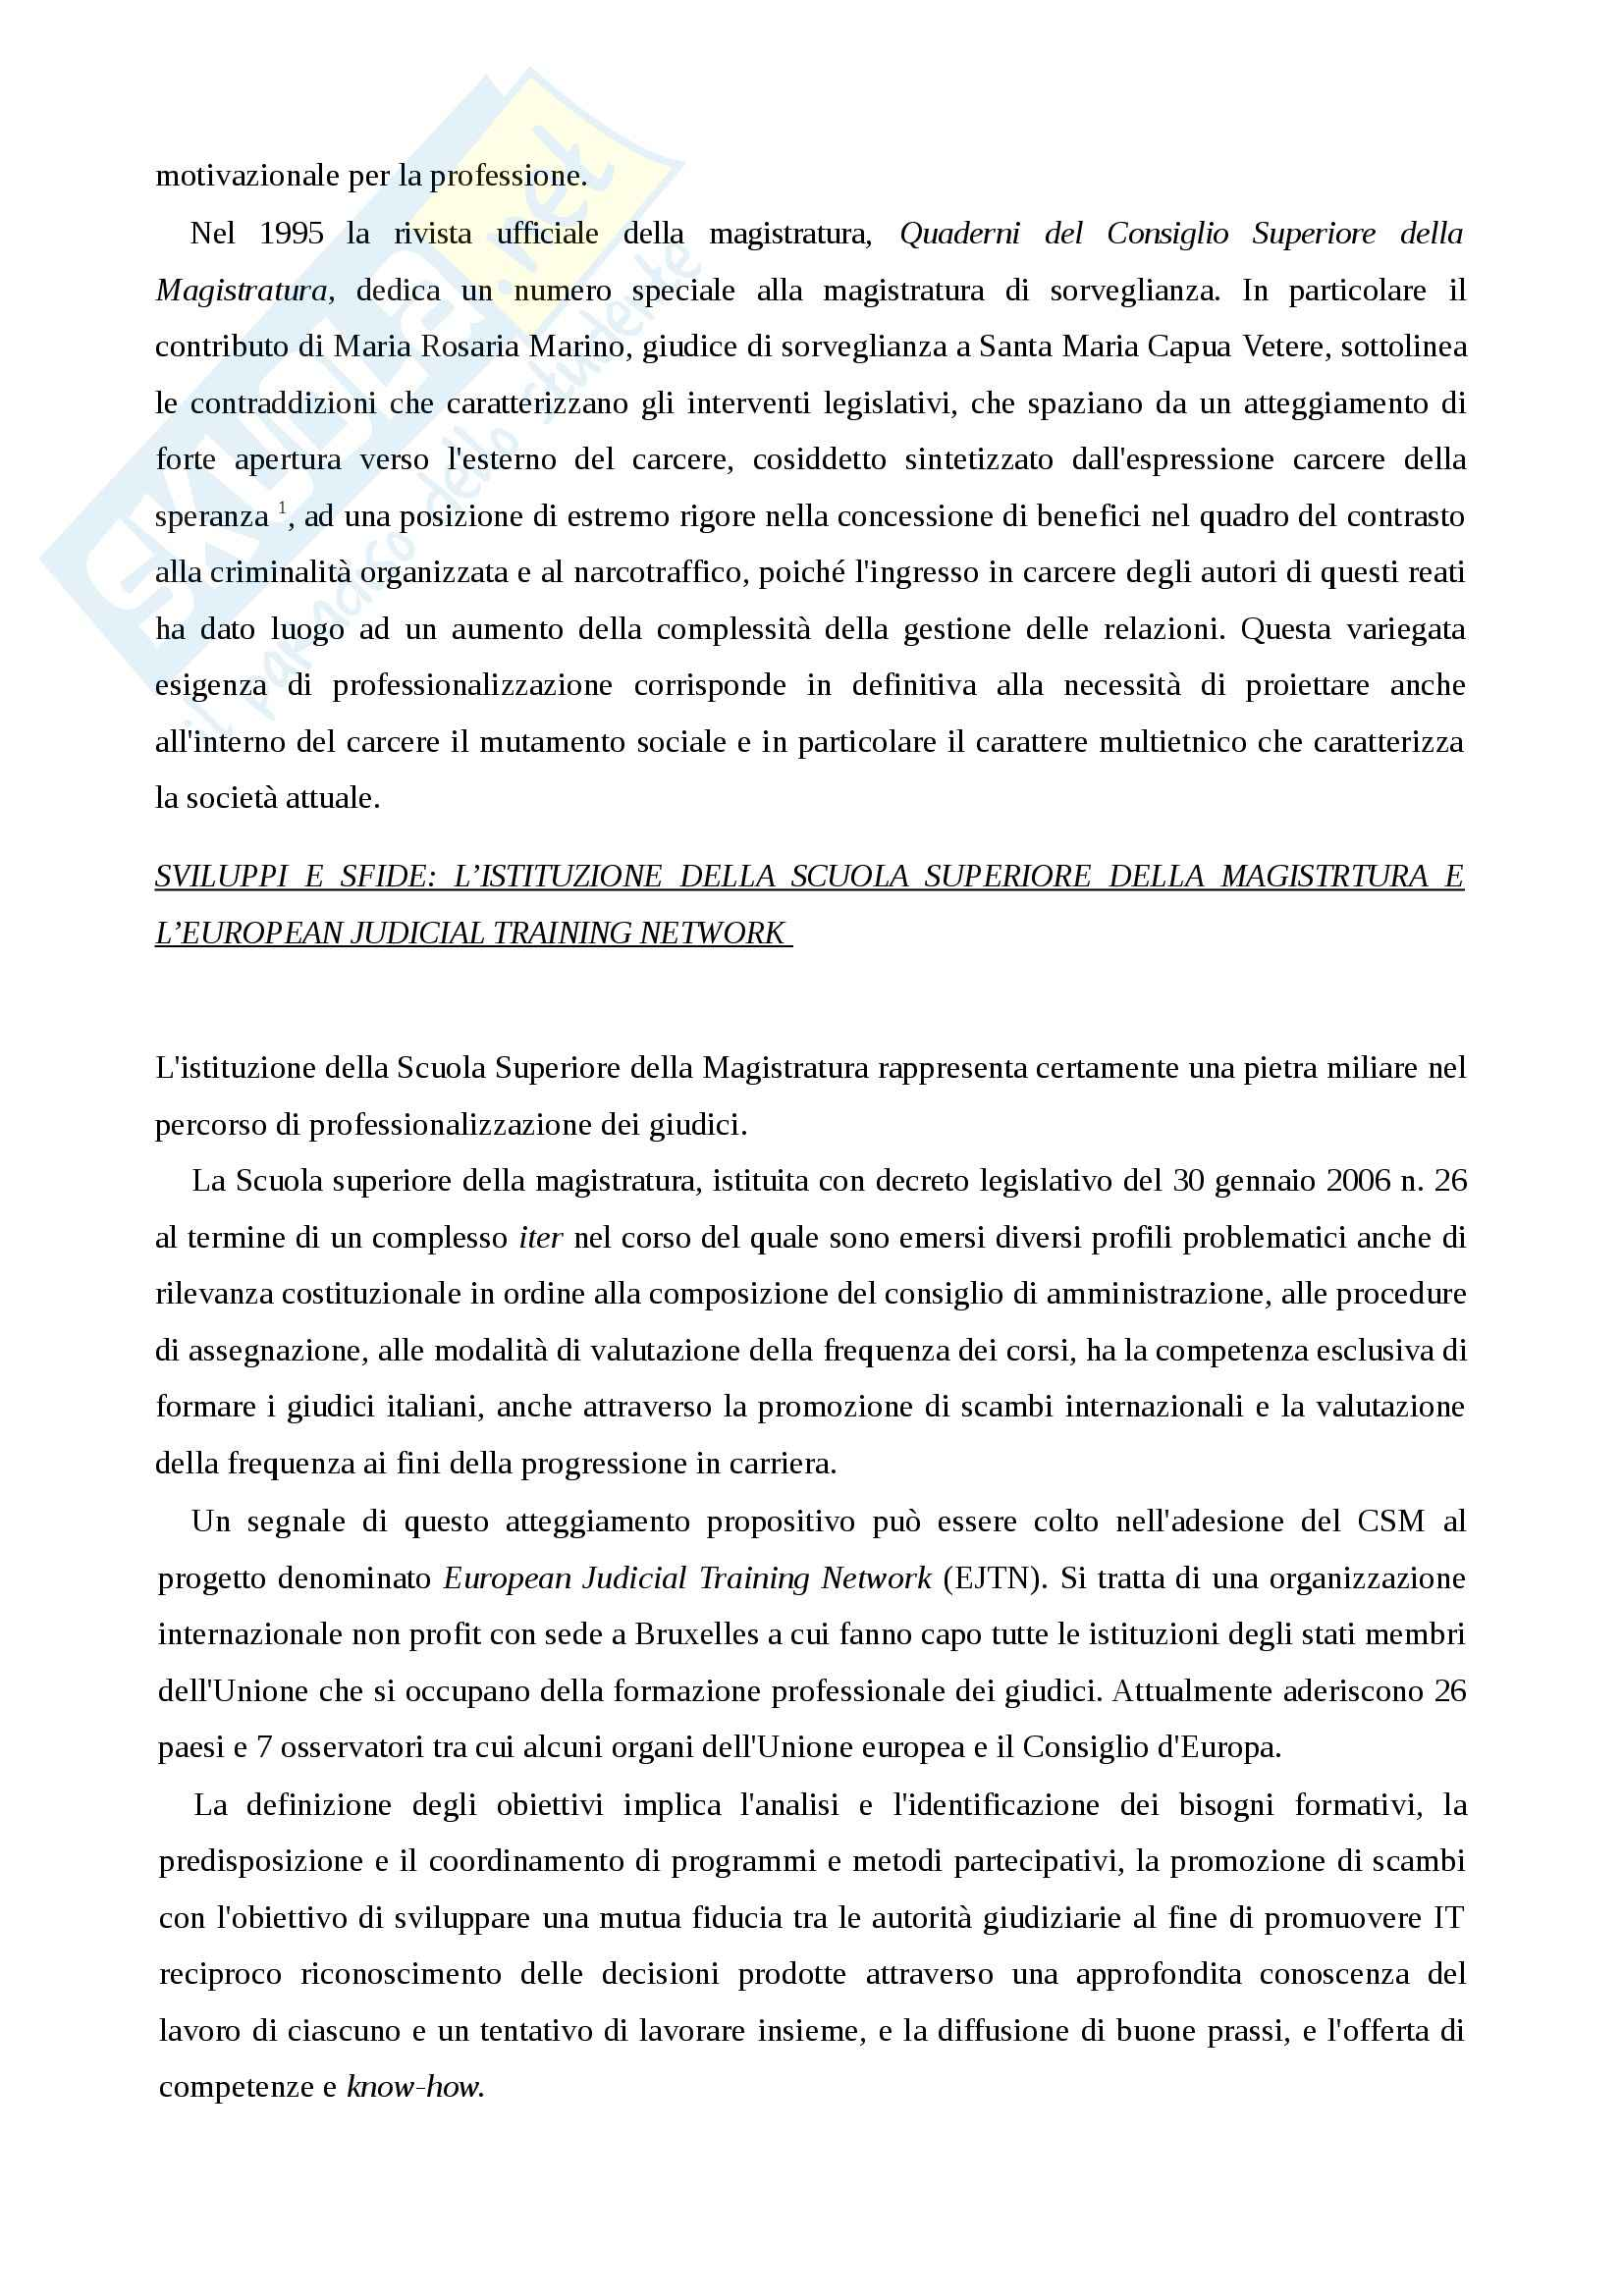 Riassunto esame Criminologia applicata, Criminologia e vittimologia Metodologia e strategie operative, Sette, prof. Bisi Pag. 61